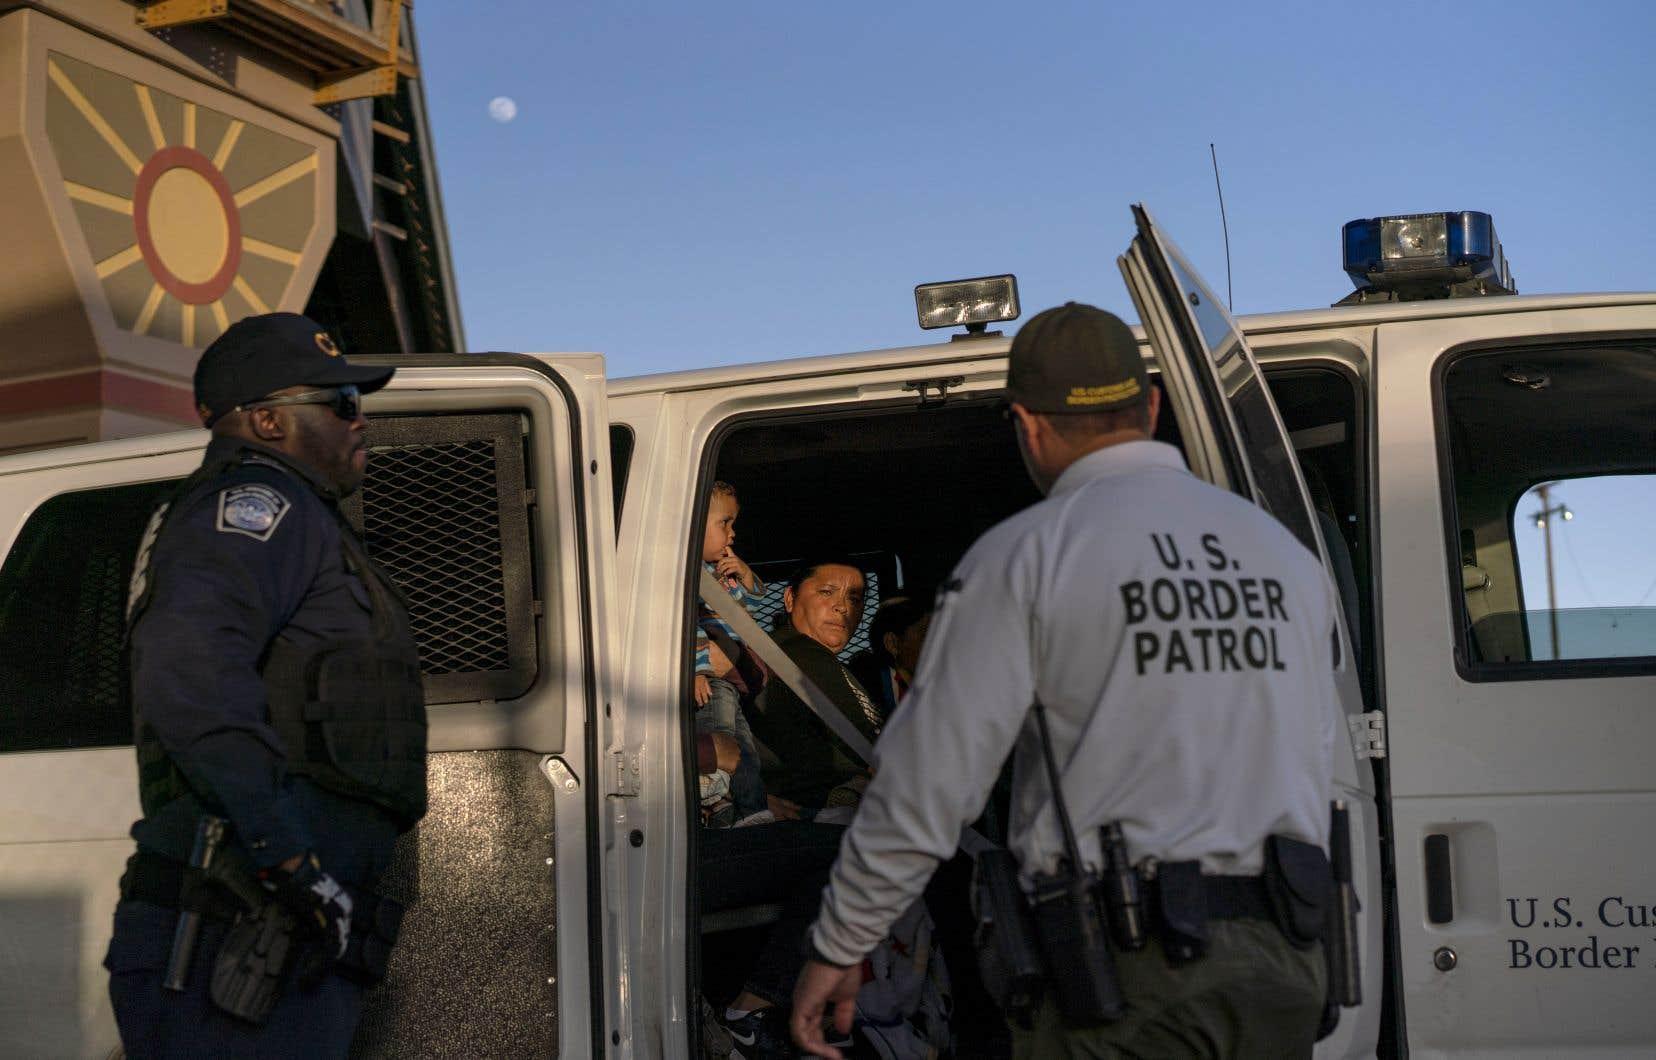 Plus de 1 100 migrants provenant d'Amérique centrale et d'autres pays traversent chaque jour la frontière américaine dans le secteur d'El Paso. Les gardes-frontières disent manquer de ressources pour répondre à cette crise migratoire.